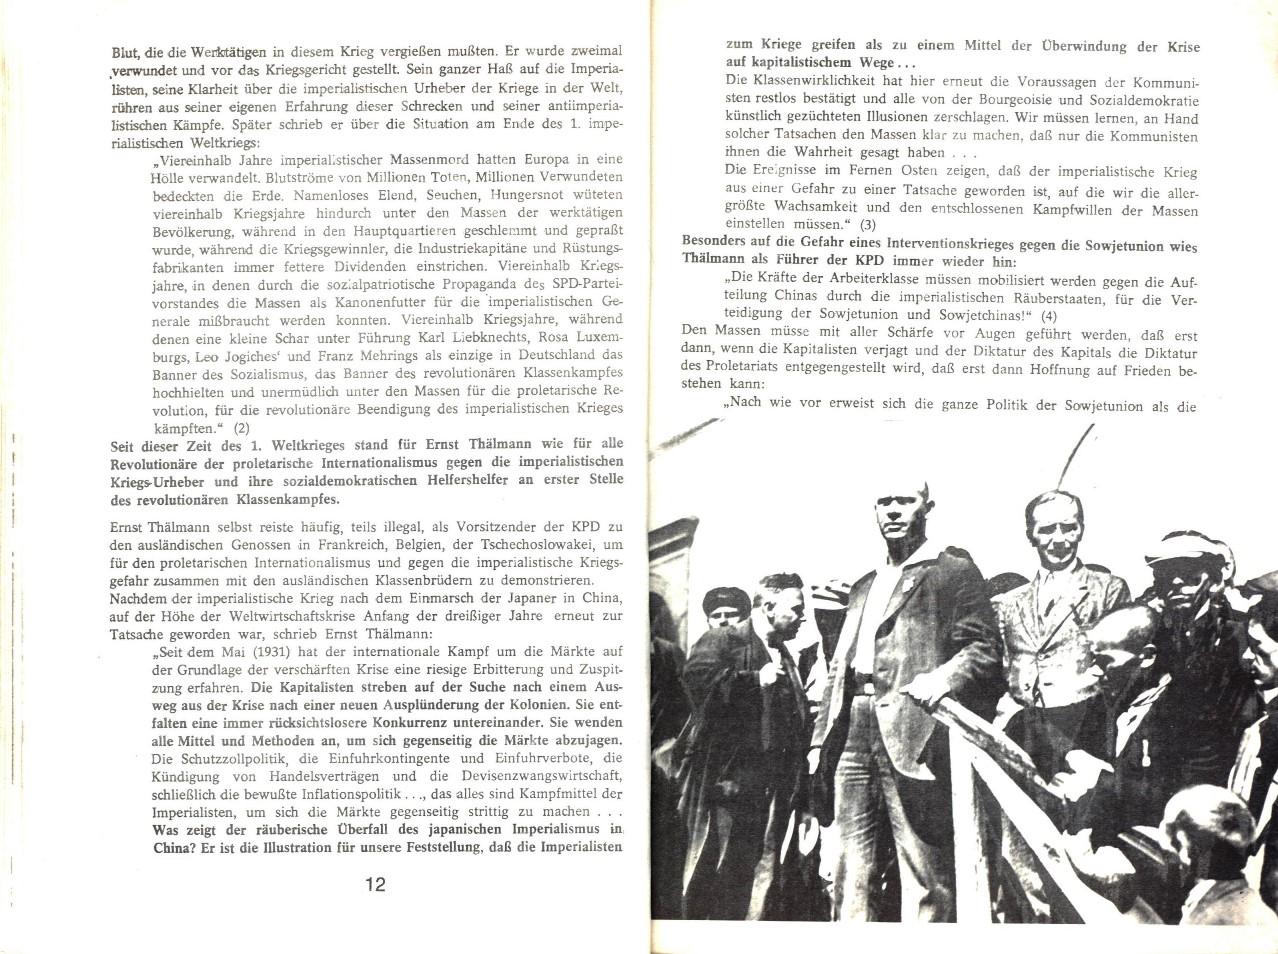 KPDAO_1974_Ernst_Thaelmann_08